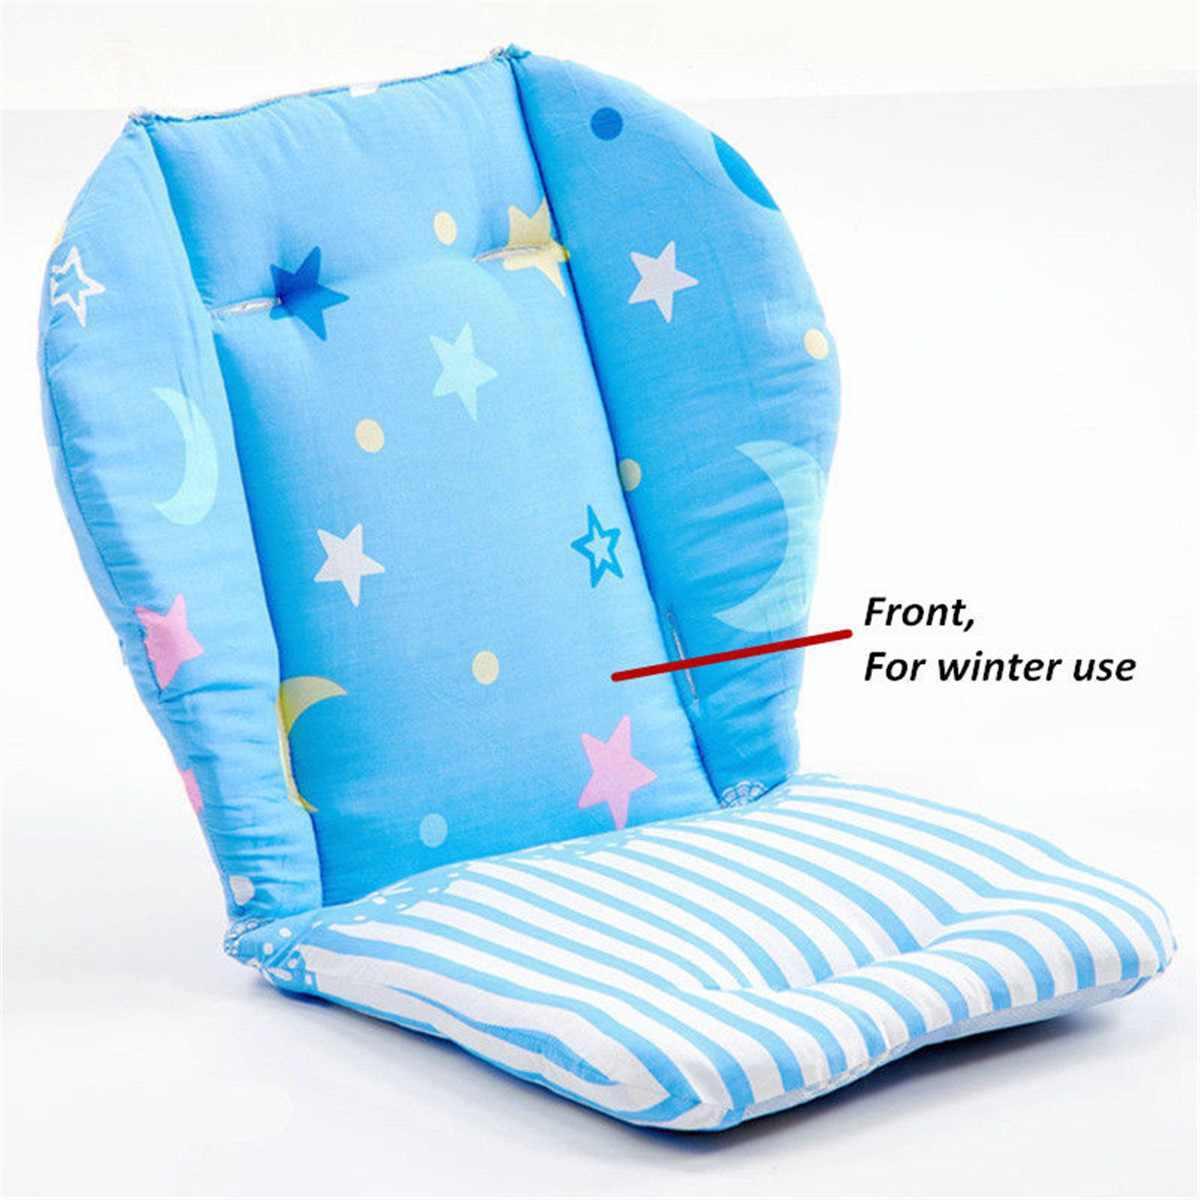 เด็กเบาะเก้าอี้สูงเด็กเด็ก Booster เสื่อแผ่นให้อาหารเก้าอี้เบาะรถเข็นเด็กที่นั่งเบาะผ้าฝ้ายผ้า